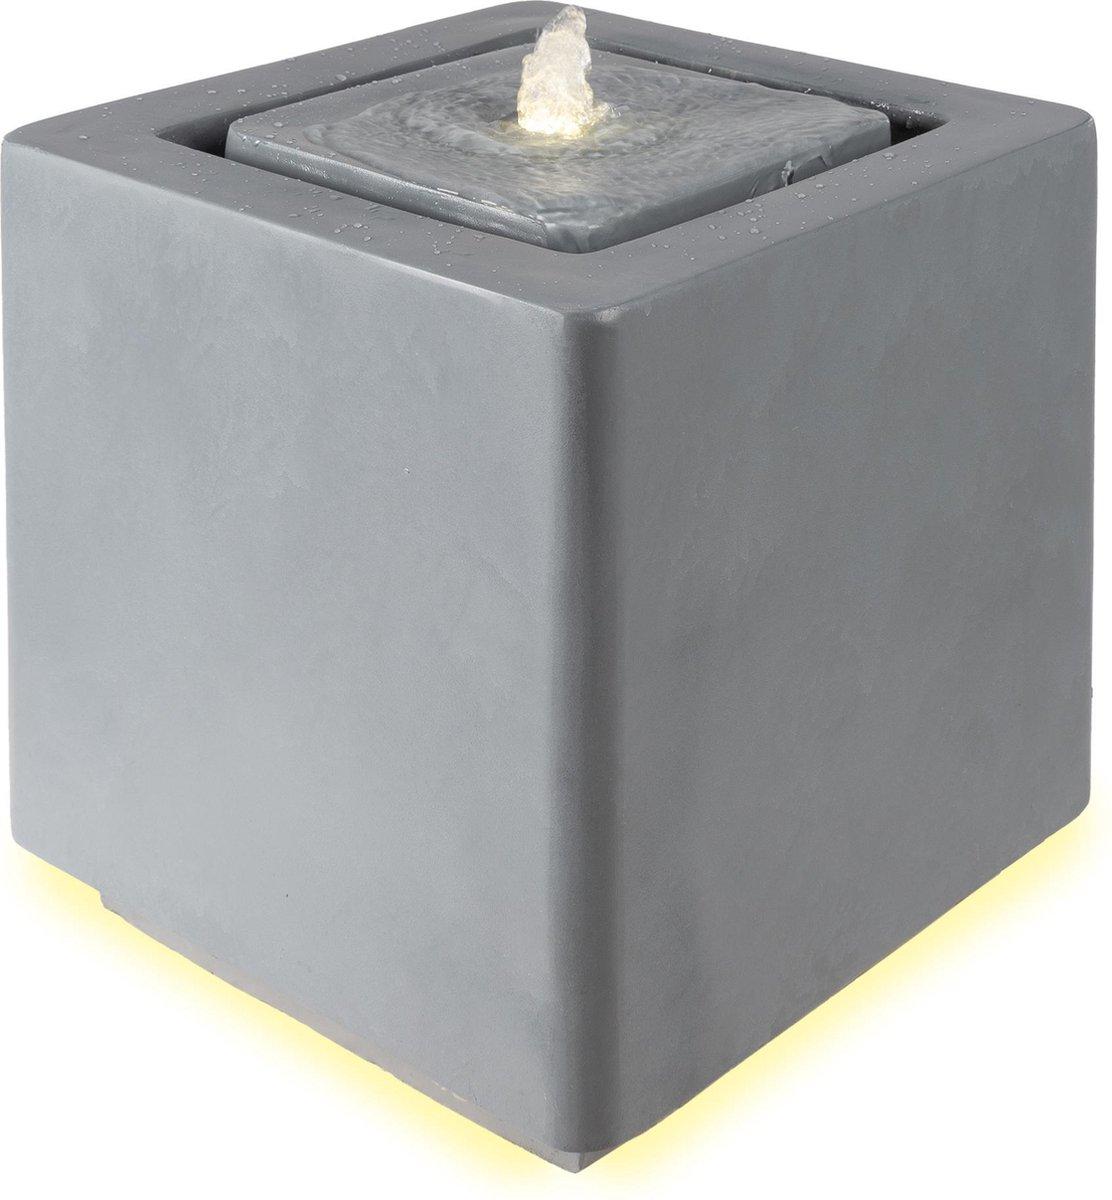 WOMO-DESIGN fontein grijs, met LED verlichting en pomp, 38x39,5x38 cm, kunststof